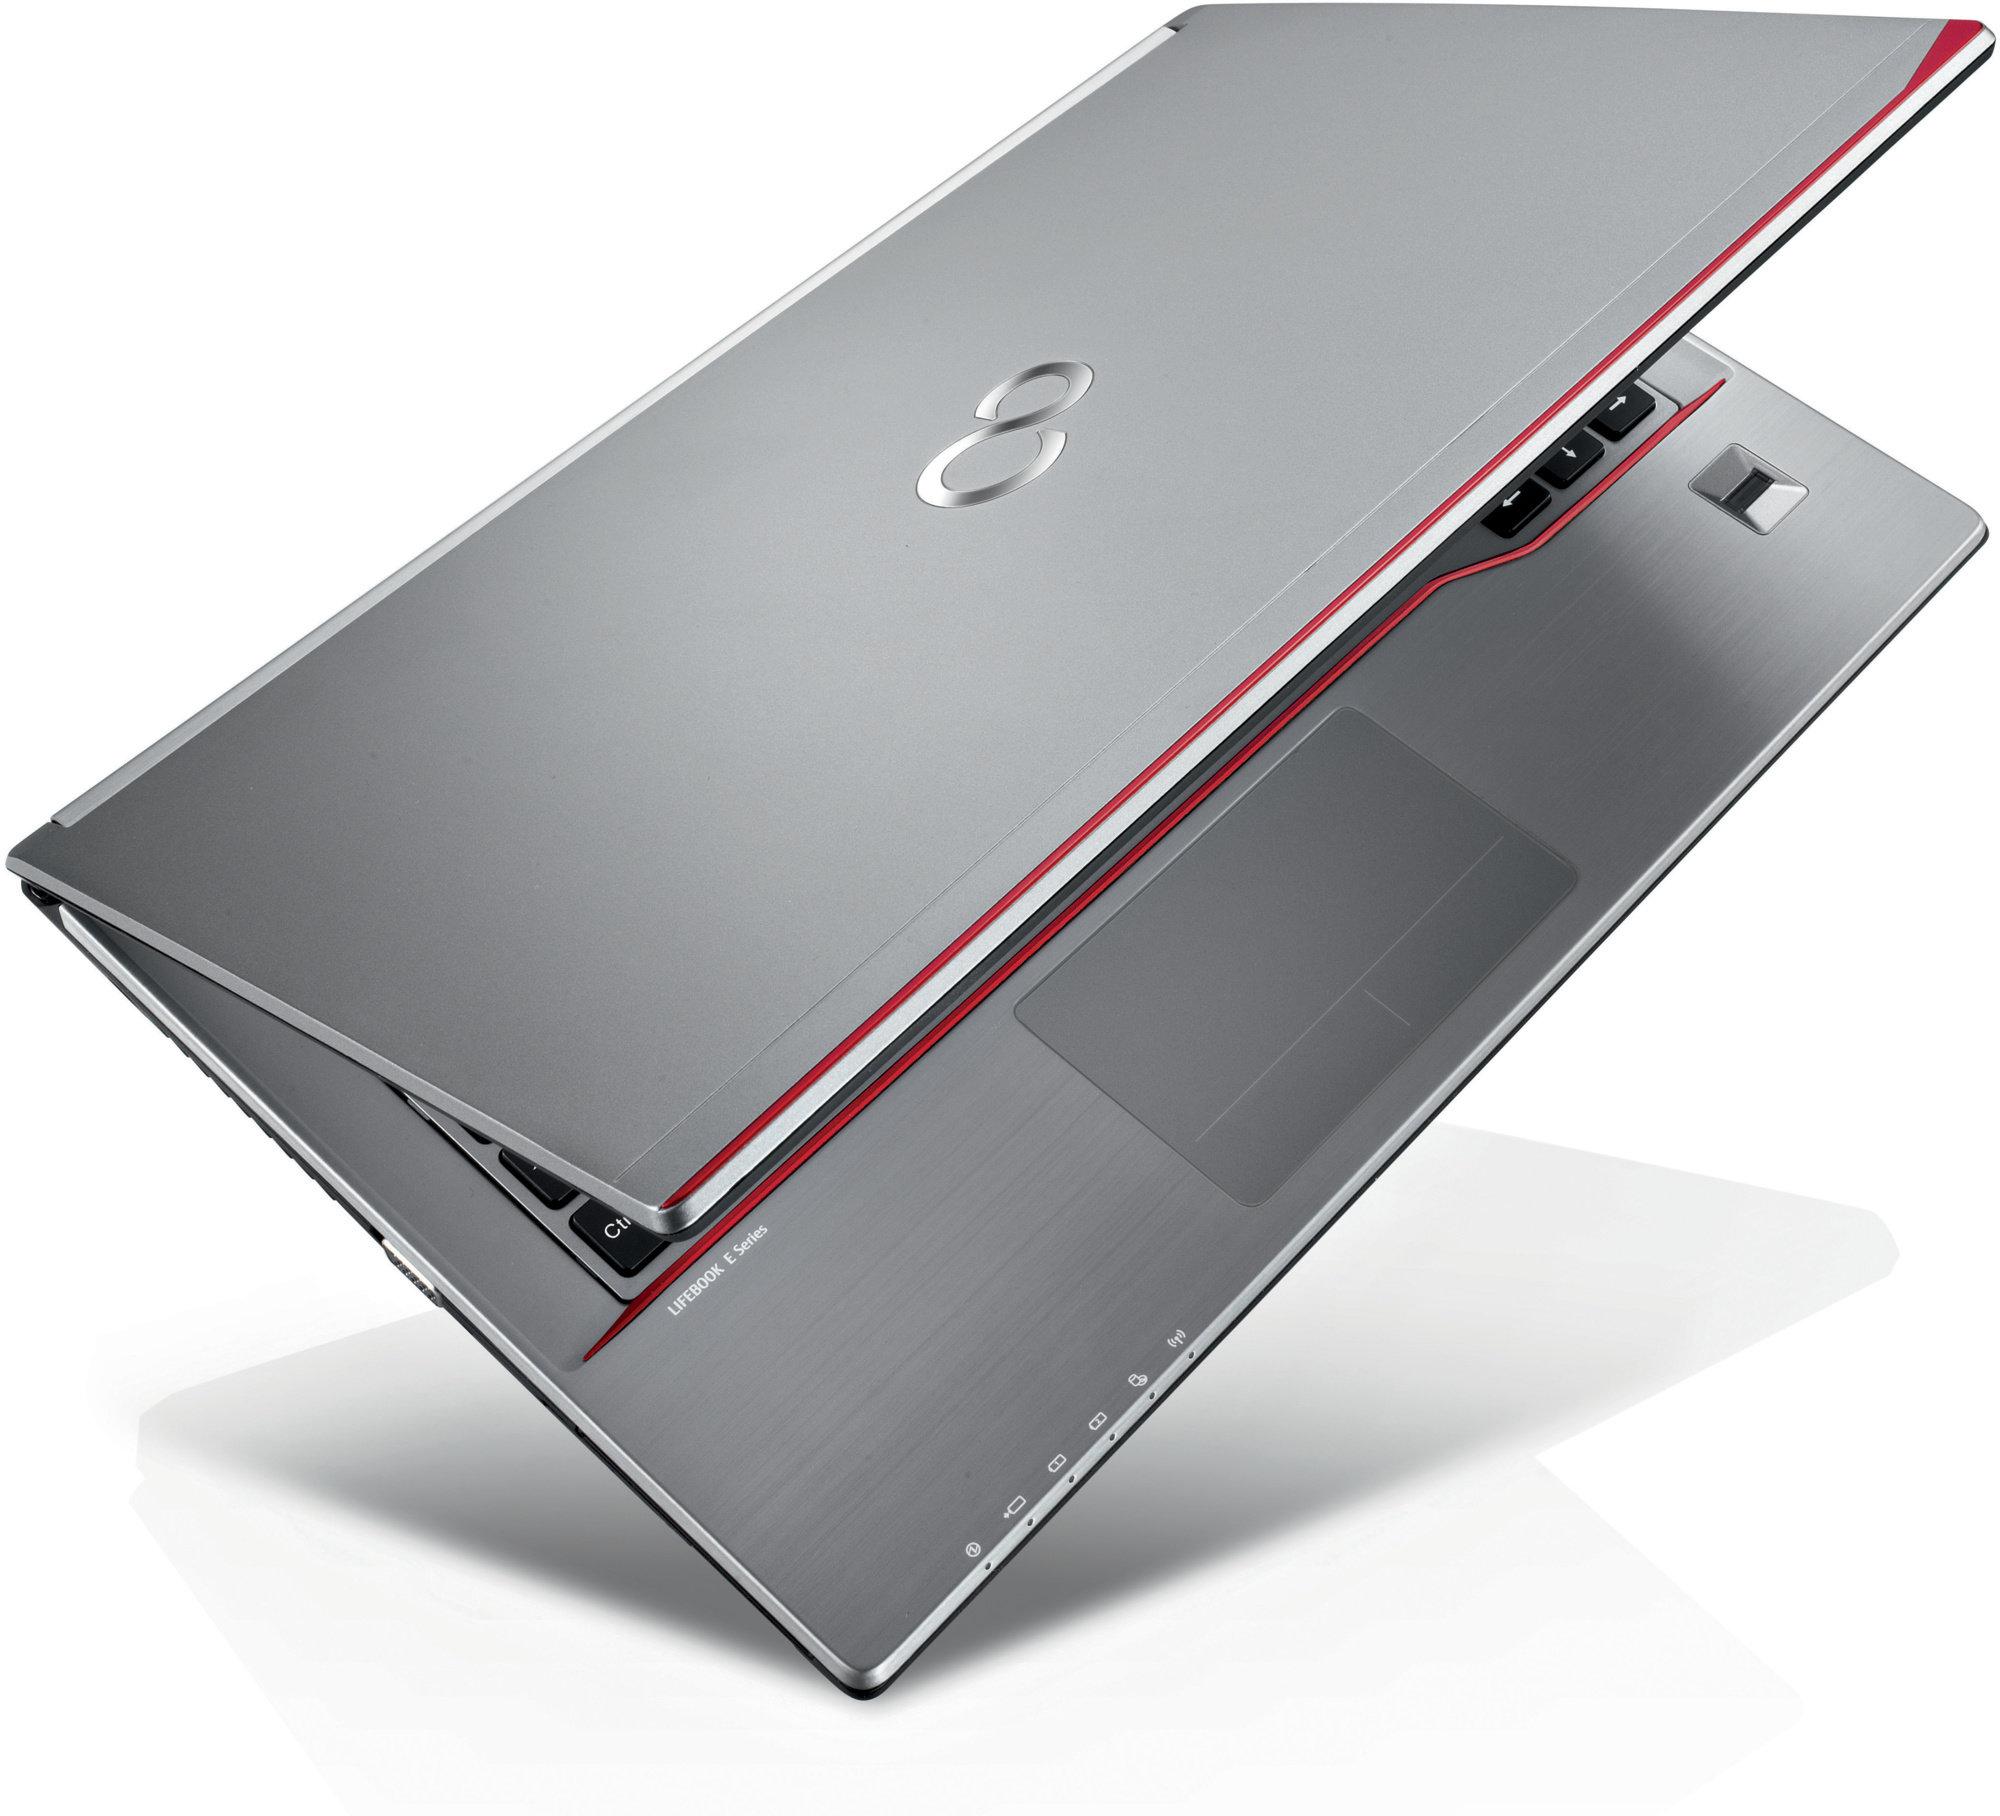 Fujitsu LifeBook E736